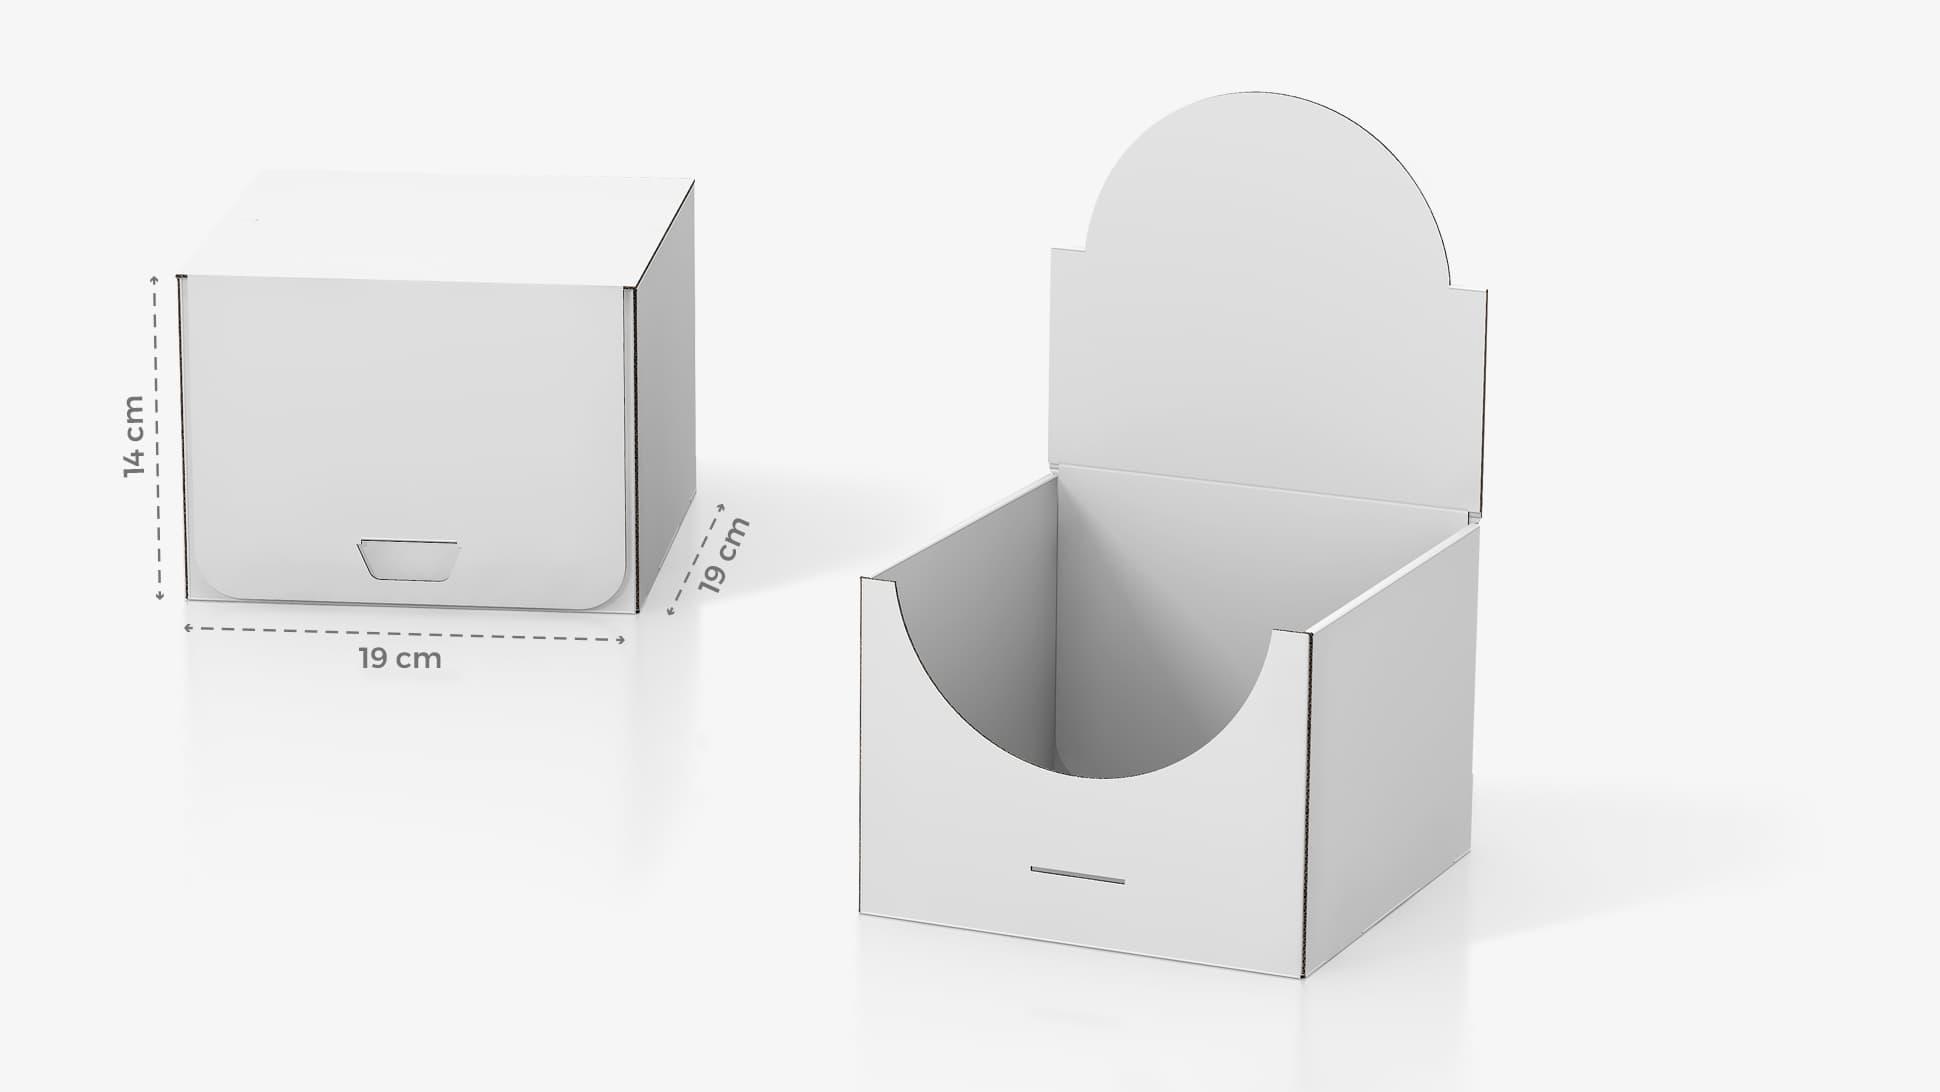 Scatola in cartone 19x14 cm personalizzabile | tictac.it